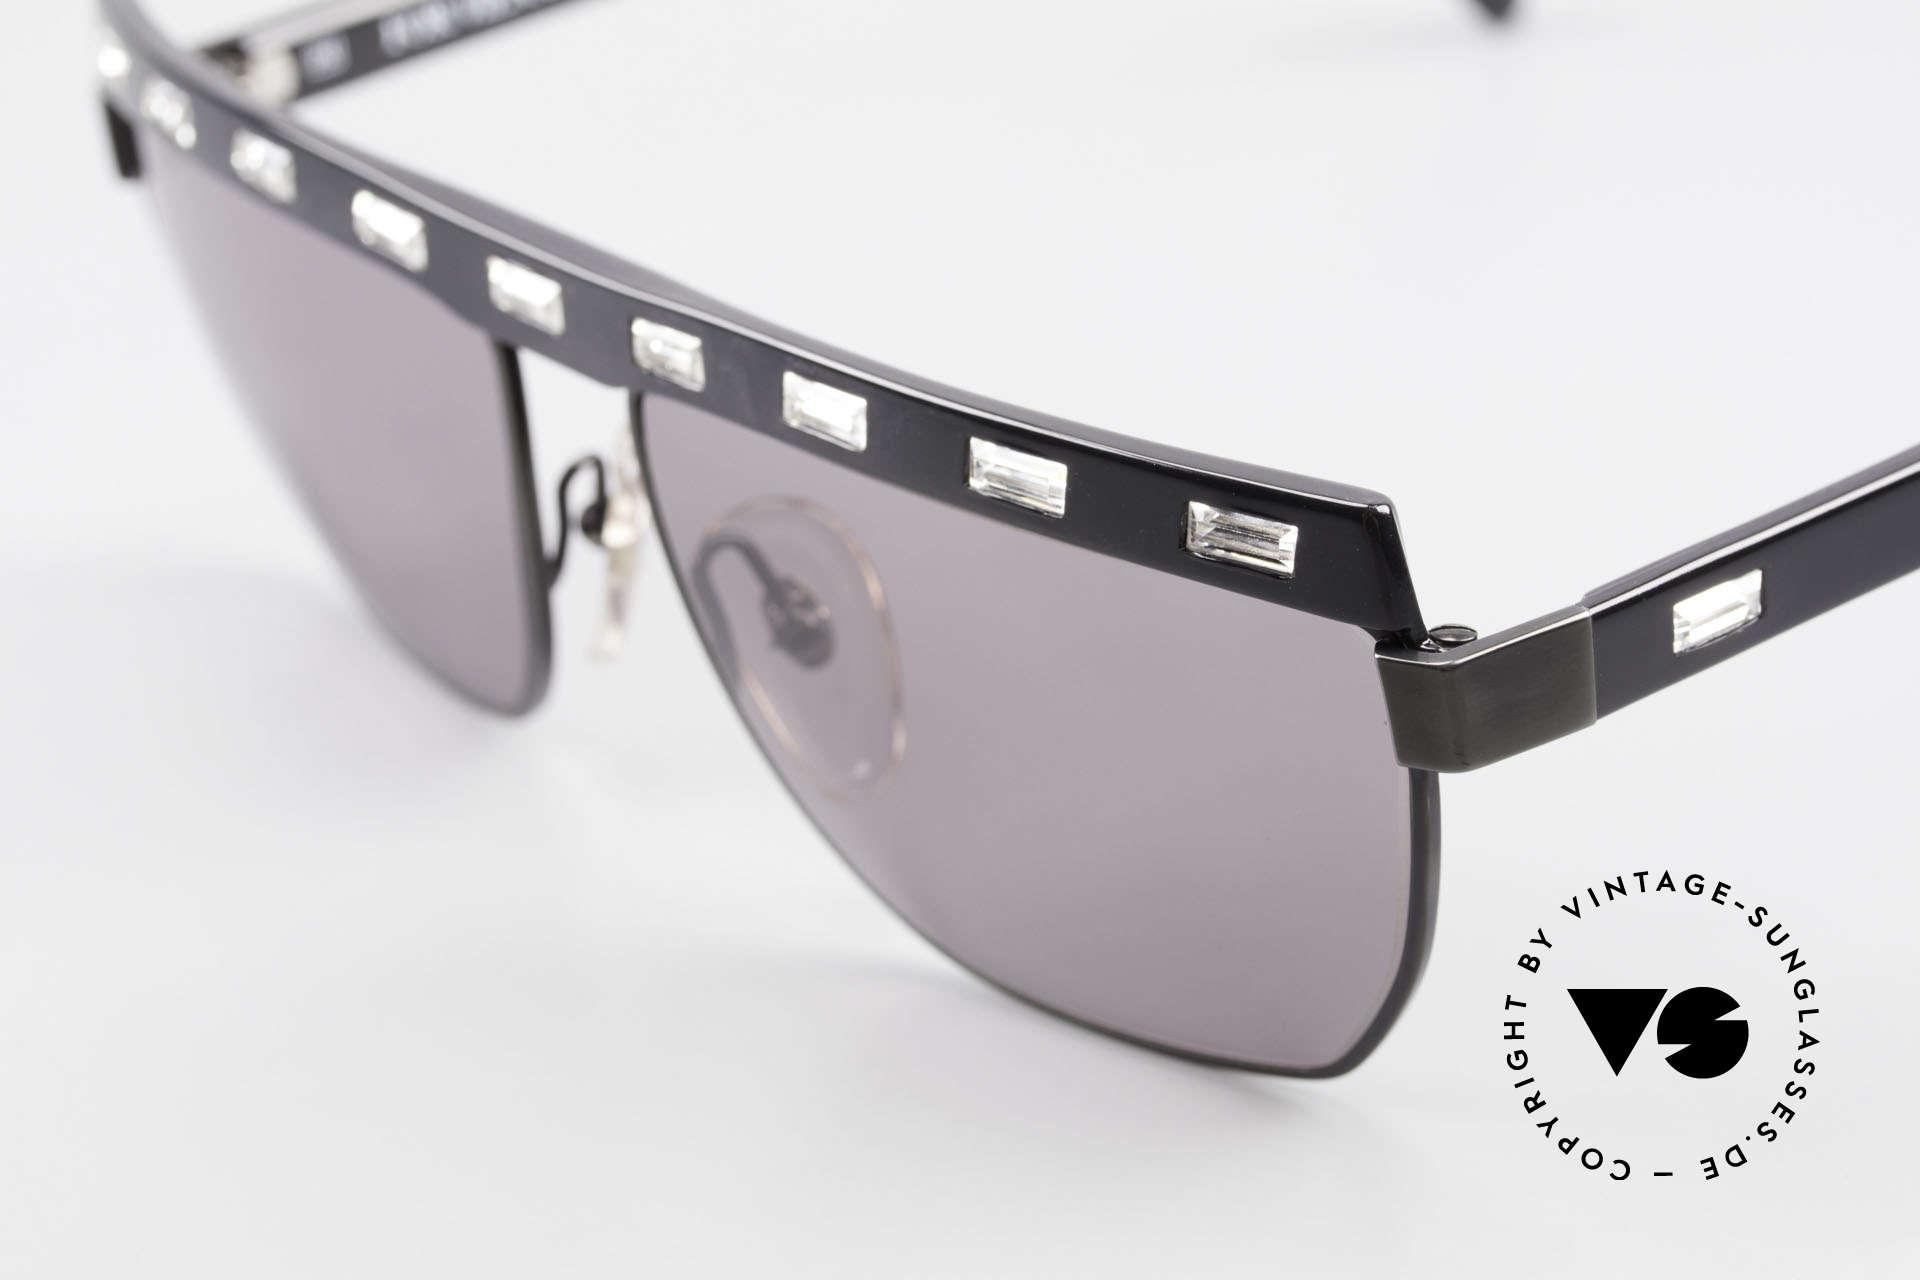 Paloma Picasso 3706 Damen Sonnenbrille Kristall, tolle Kombination aus Strass, Farben & Materialien, Passend für Damen